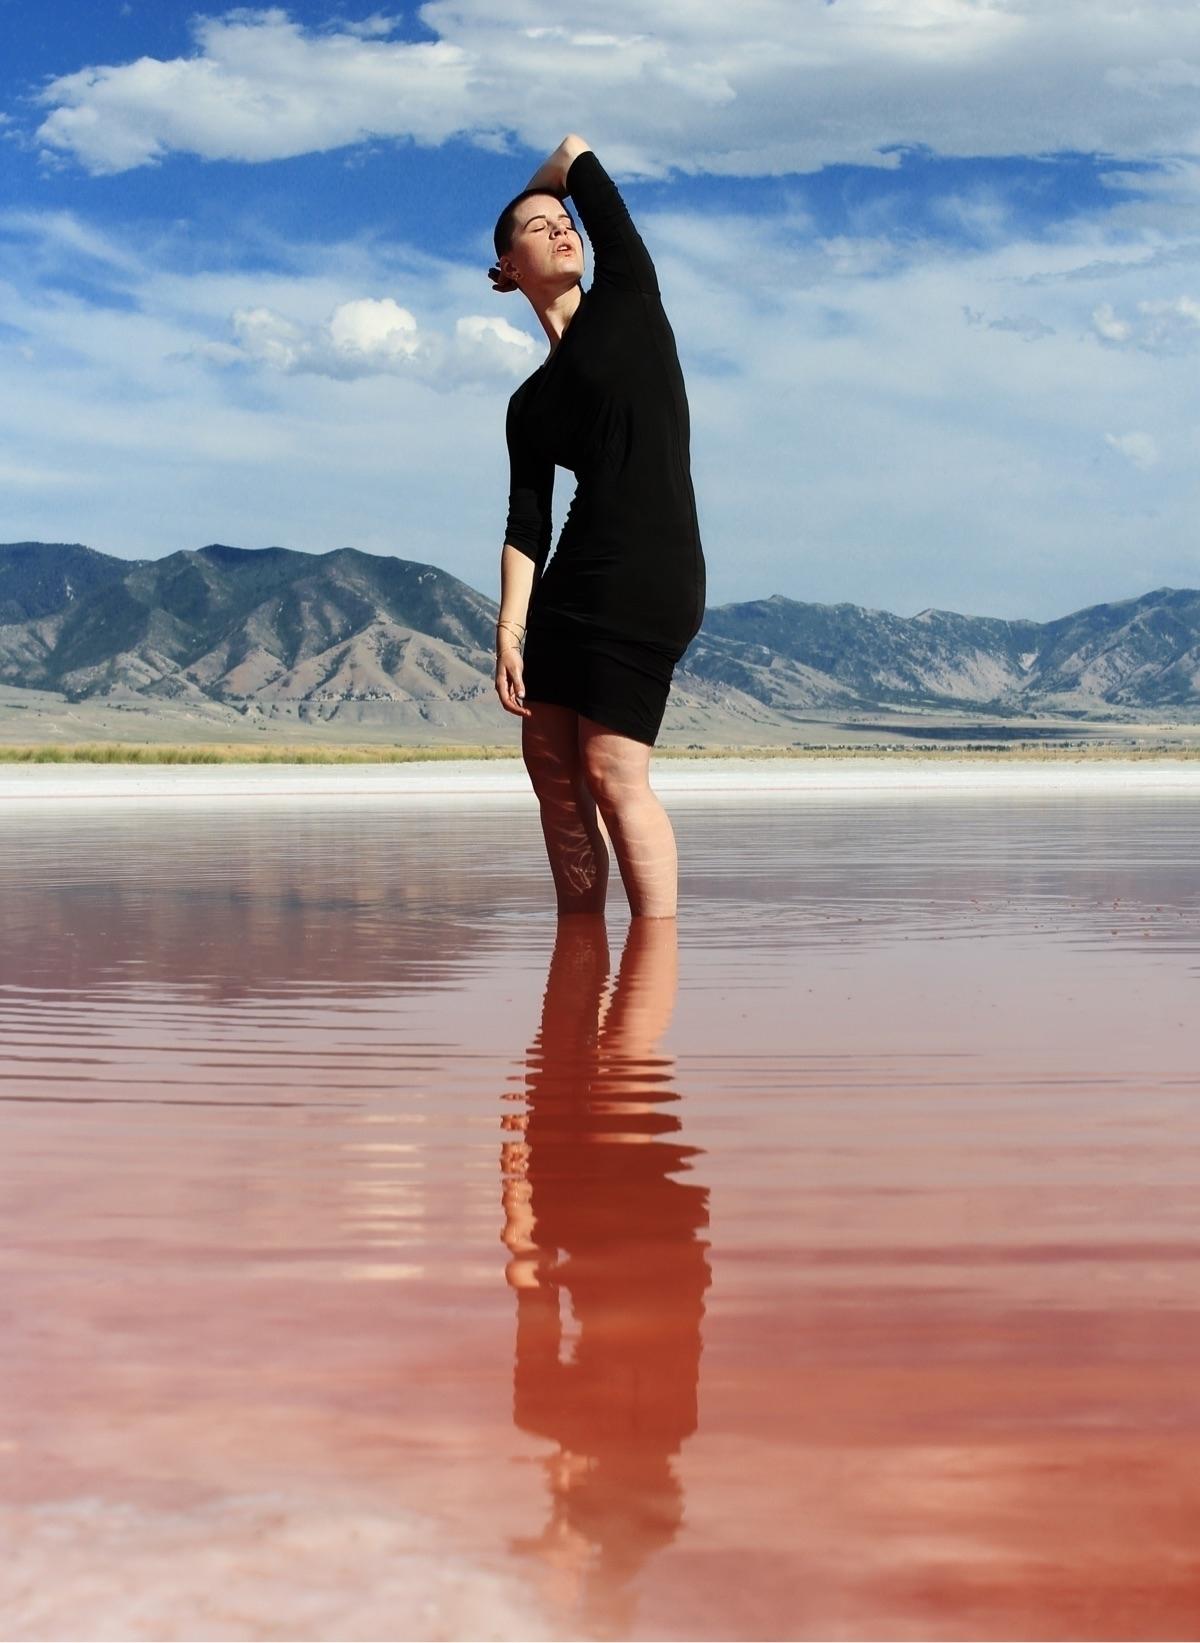 Pink Salt Crystals - lloydgalbraith | ello